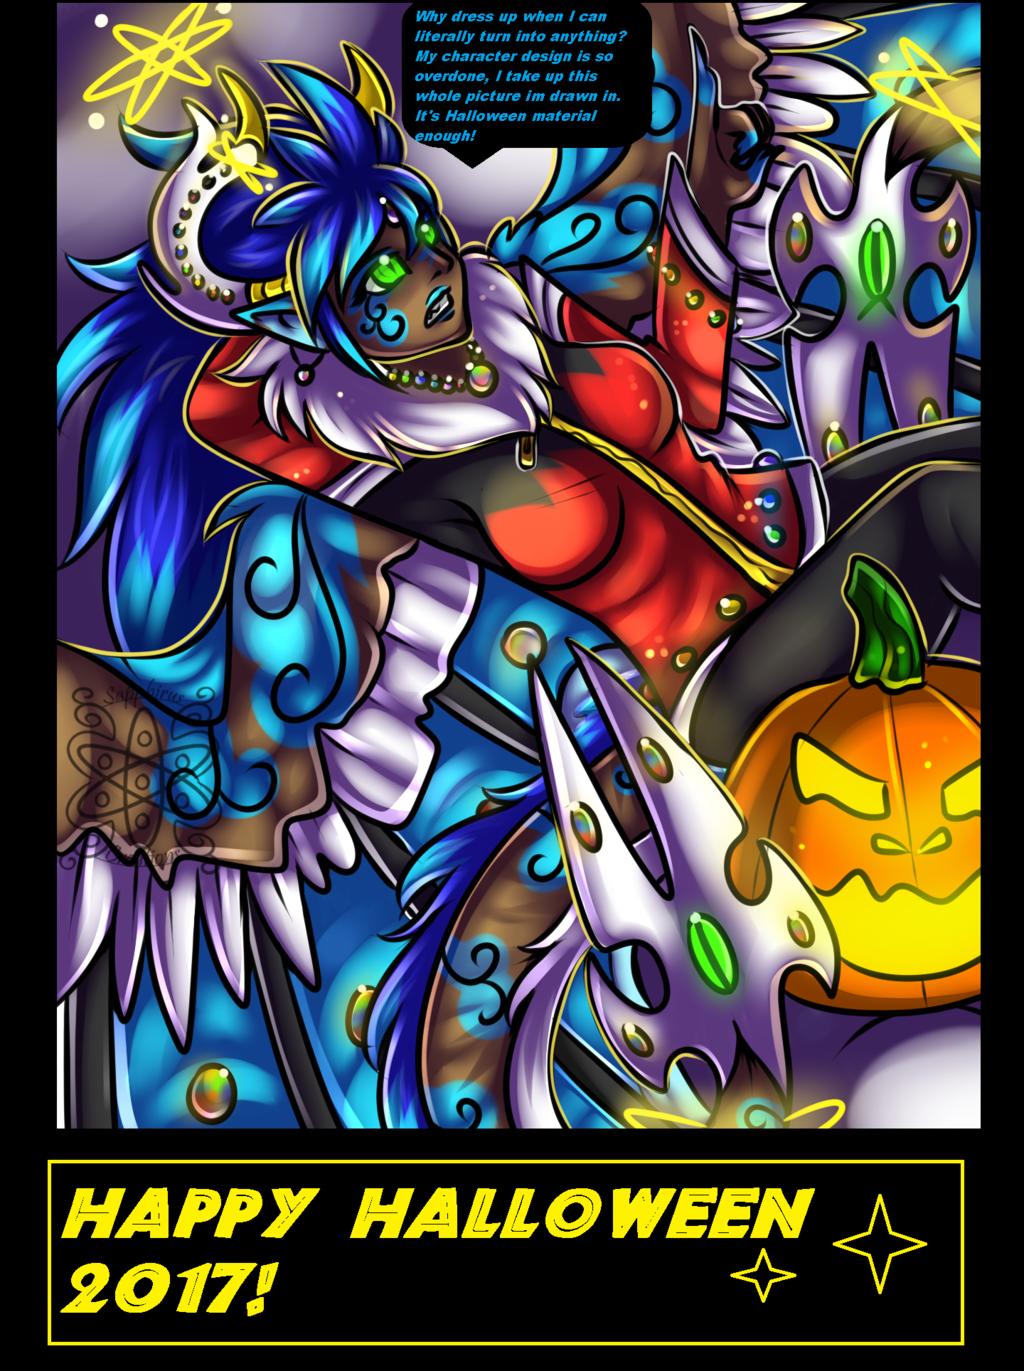 Happy Halloween +Mary Sue Edition+